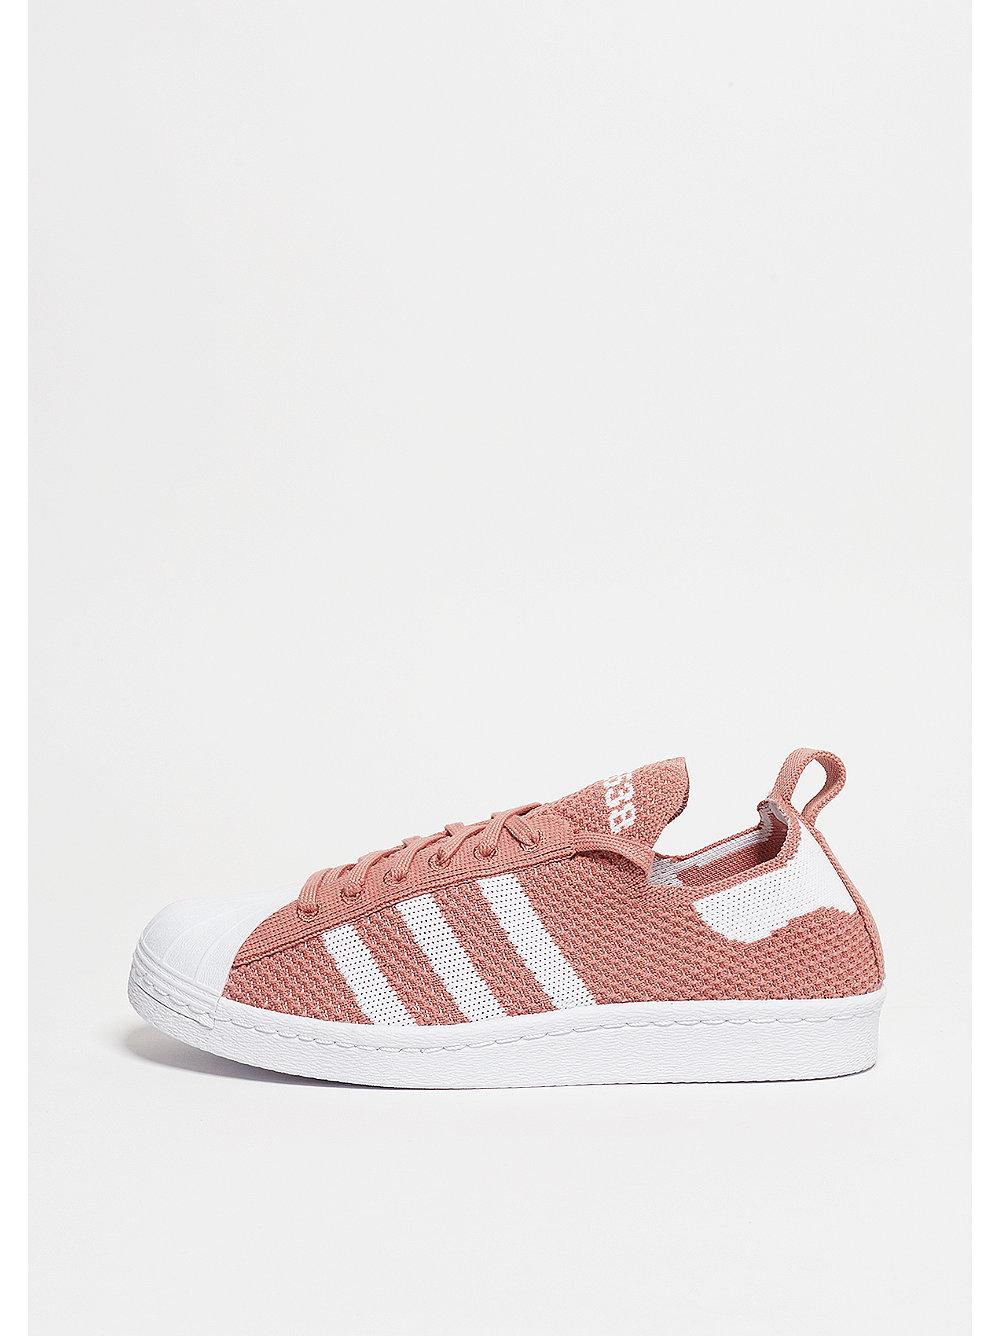 Adidas Superstar damessneaker roze, wit en rood